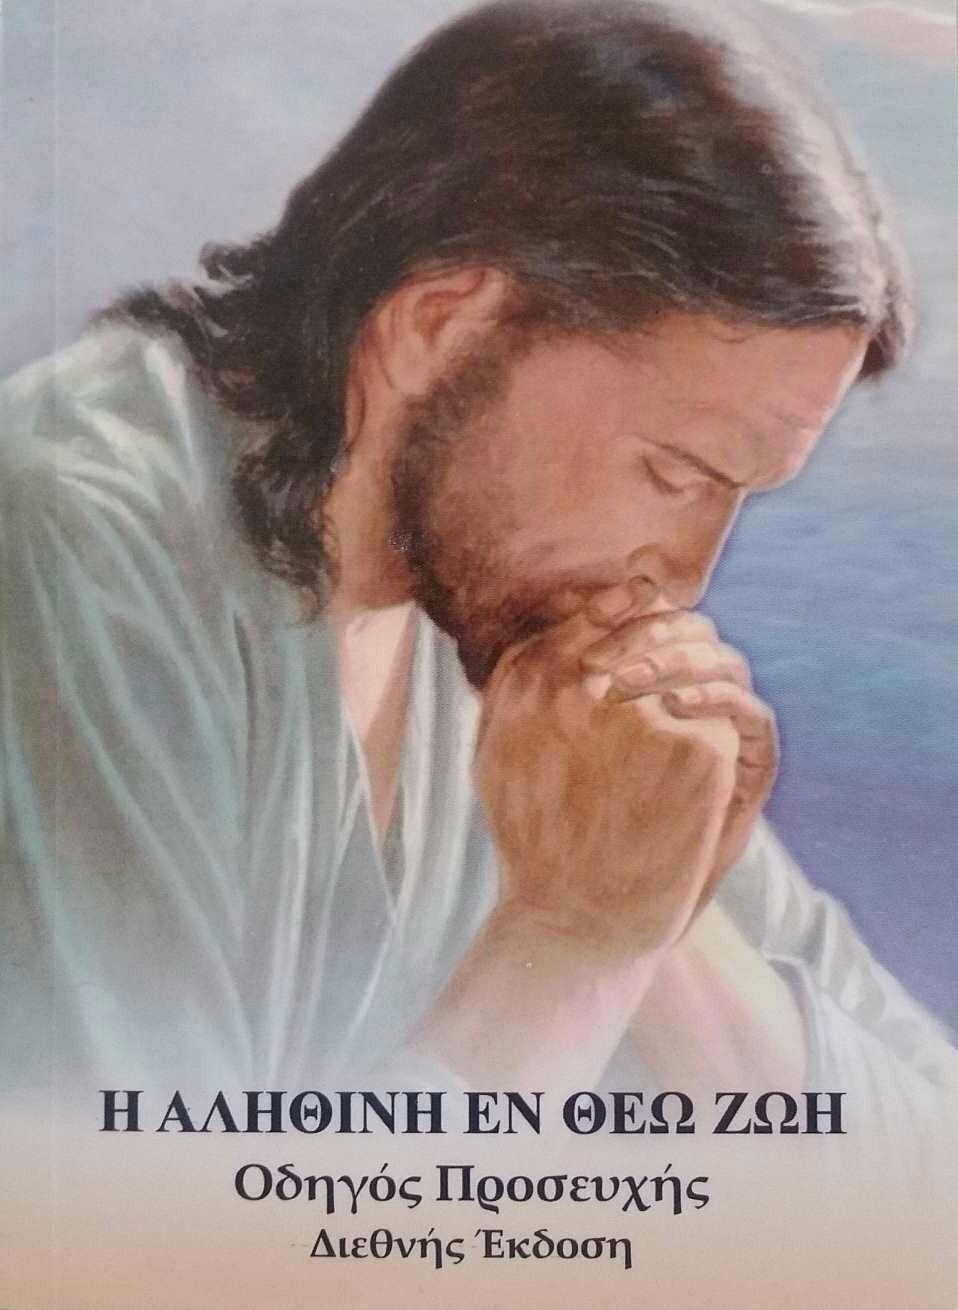 Οδηγός Προσευχής